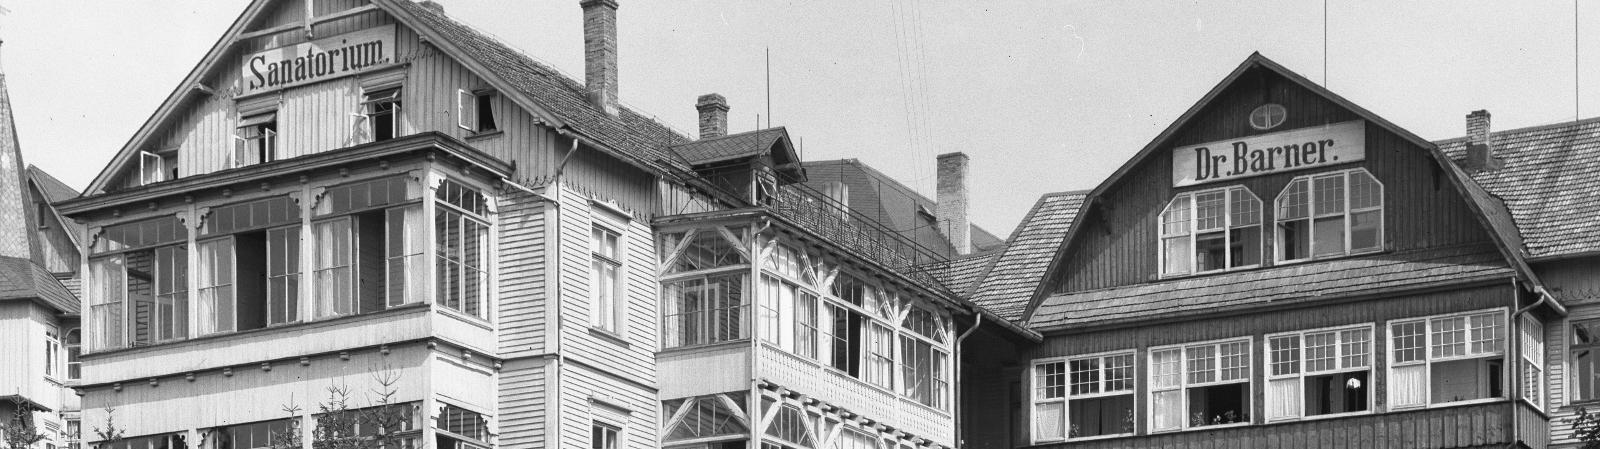 Krankenhaus Sanatorium Dr. Barner - Geschichte